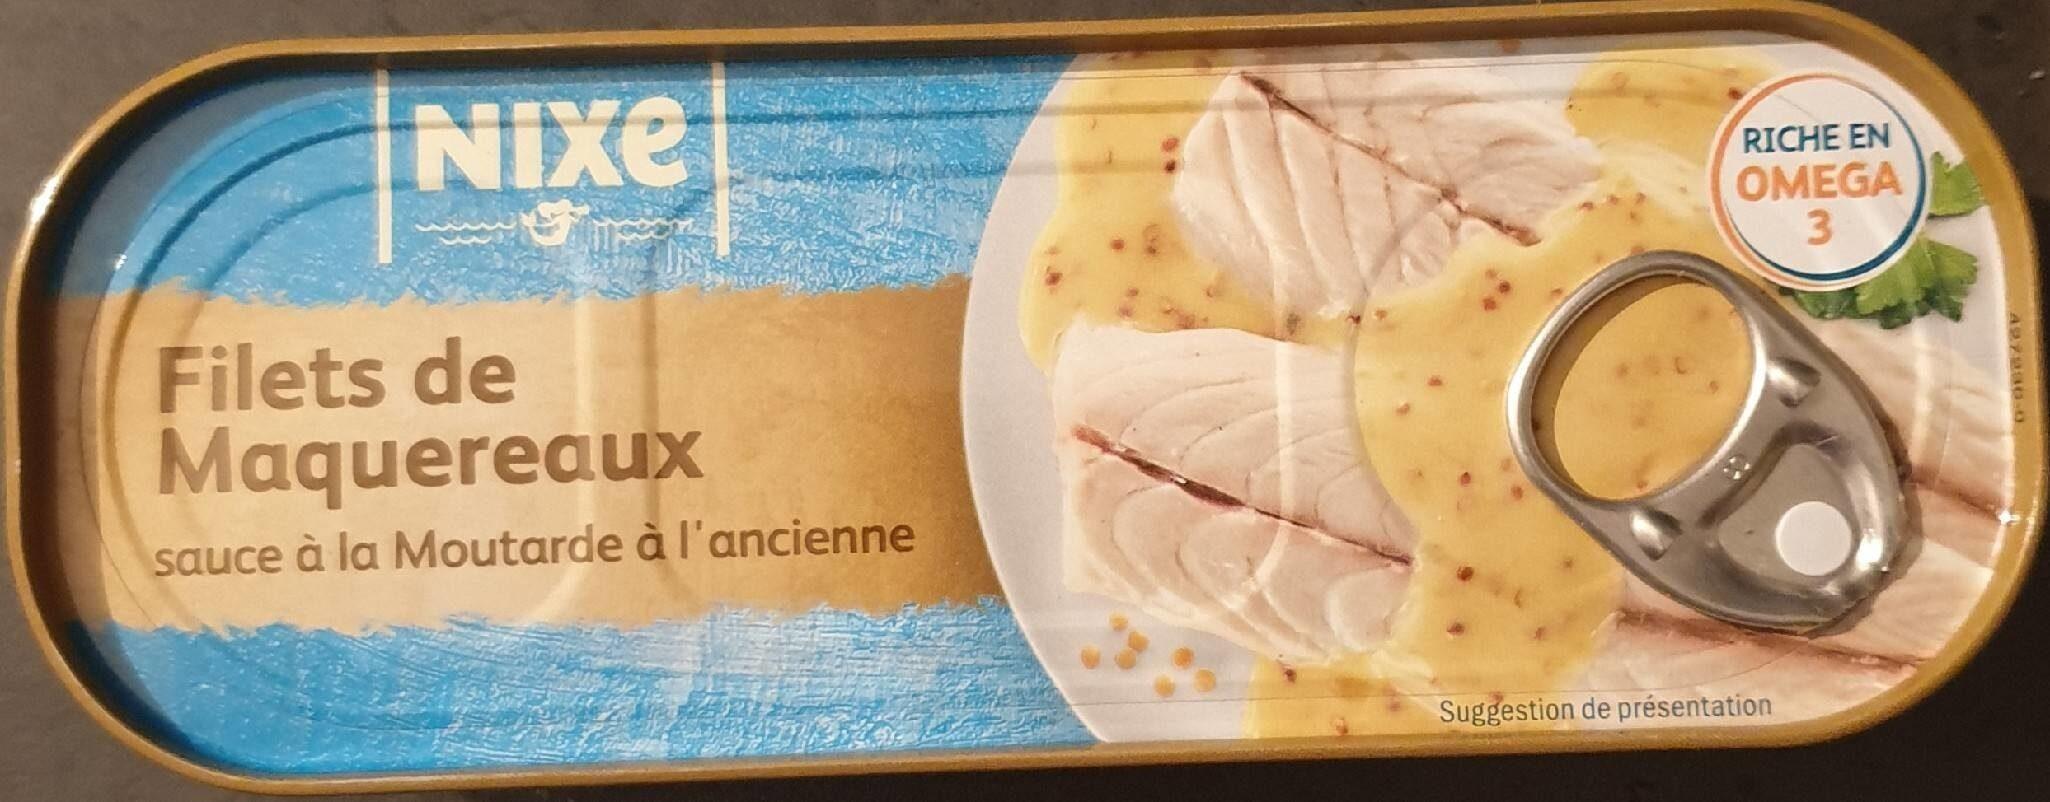 FILETS DE MAQUEREAUX sauce moutarde à l'ancienne - Product - fr